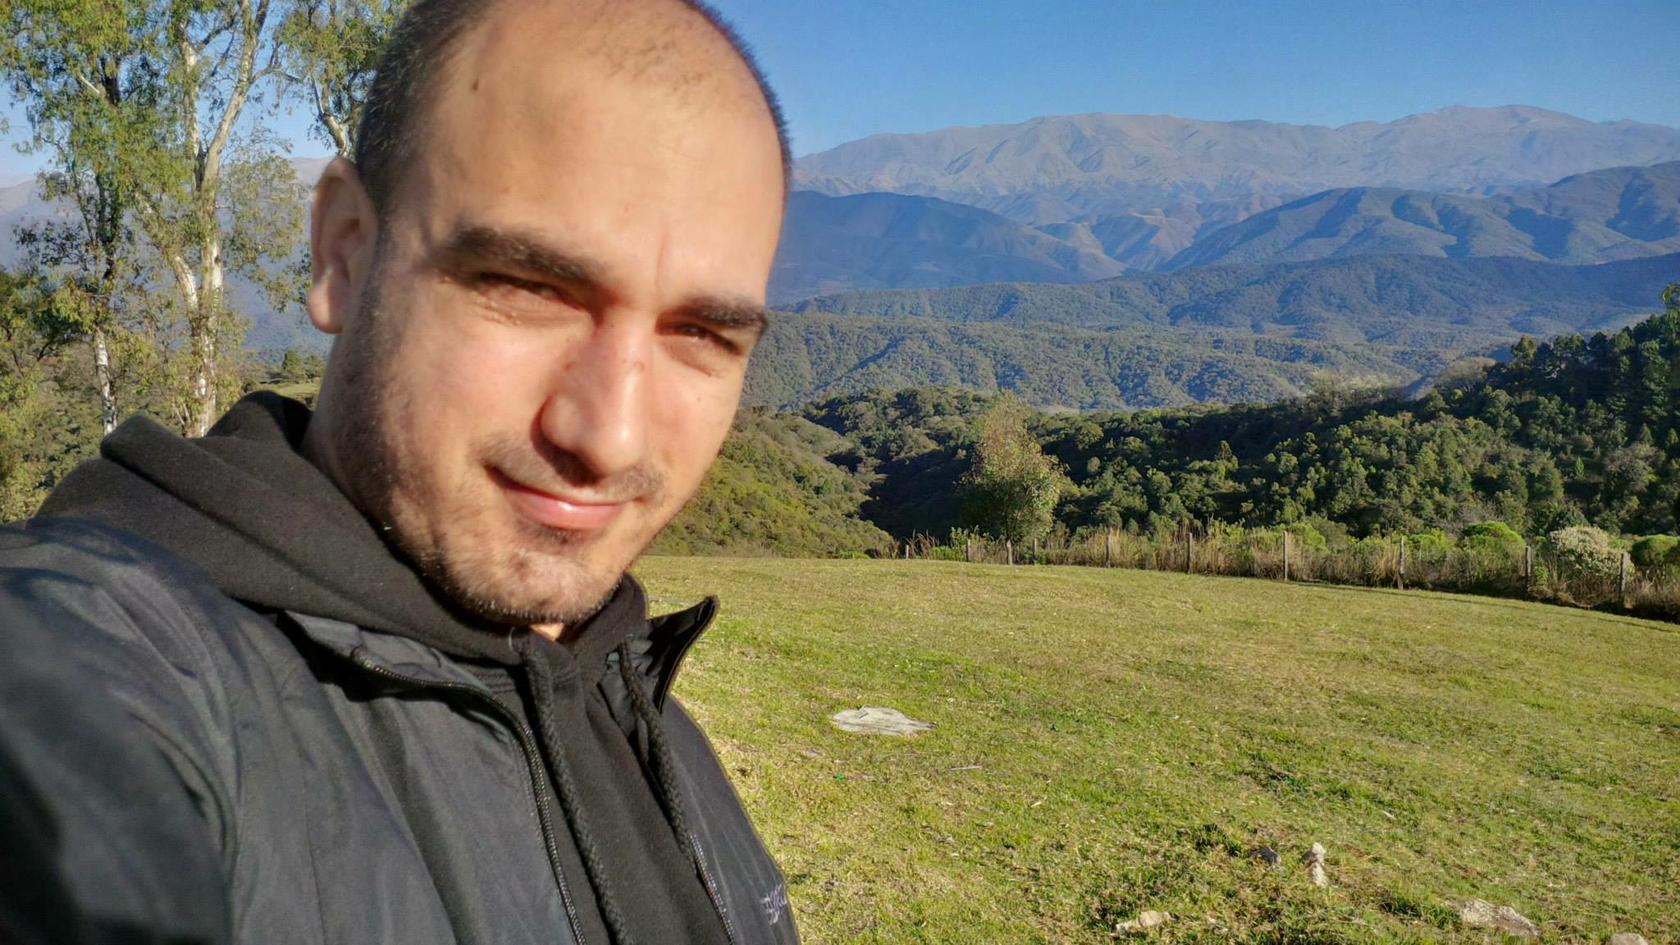 Mariano Andres Carrizo